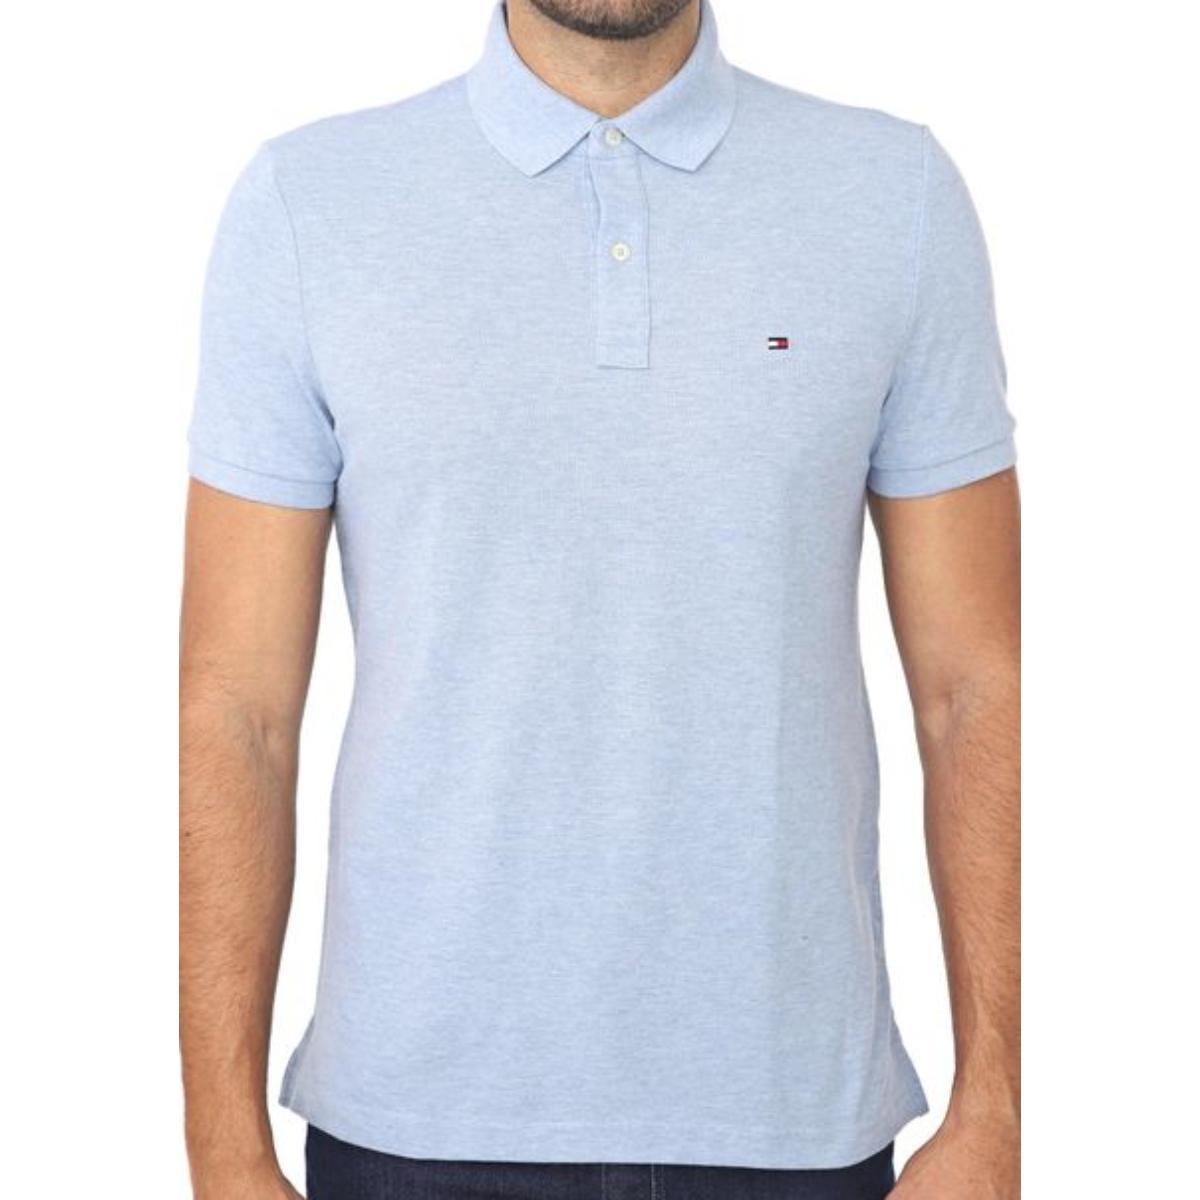 Camisa Masculina Tommy Th7803120 425 Azul Claro